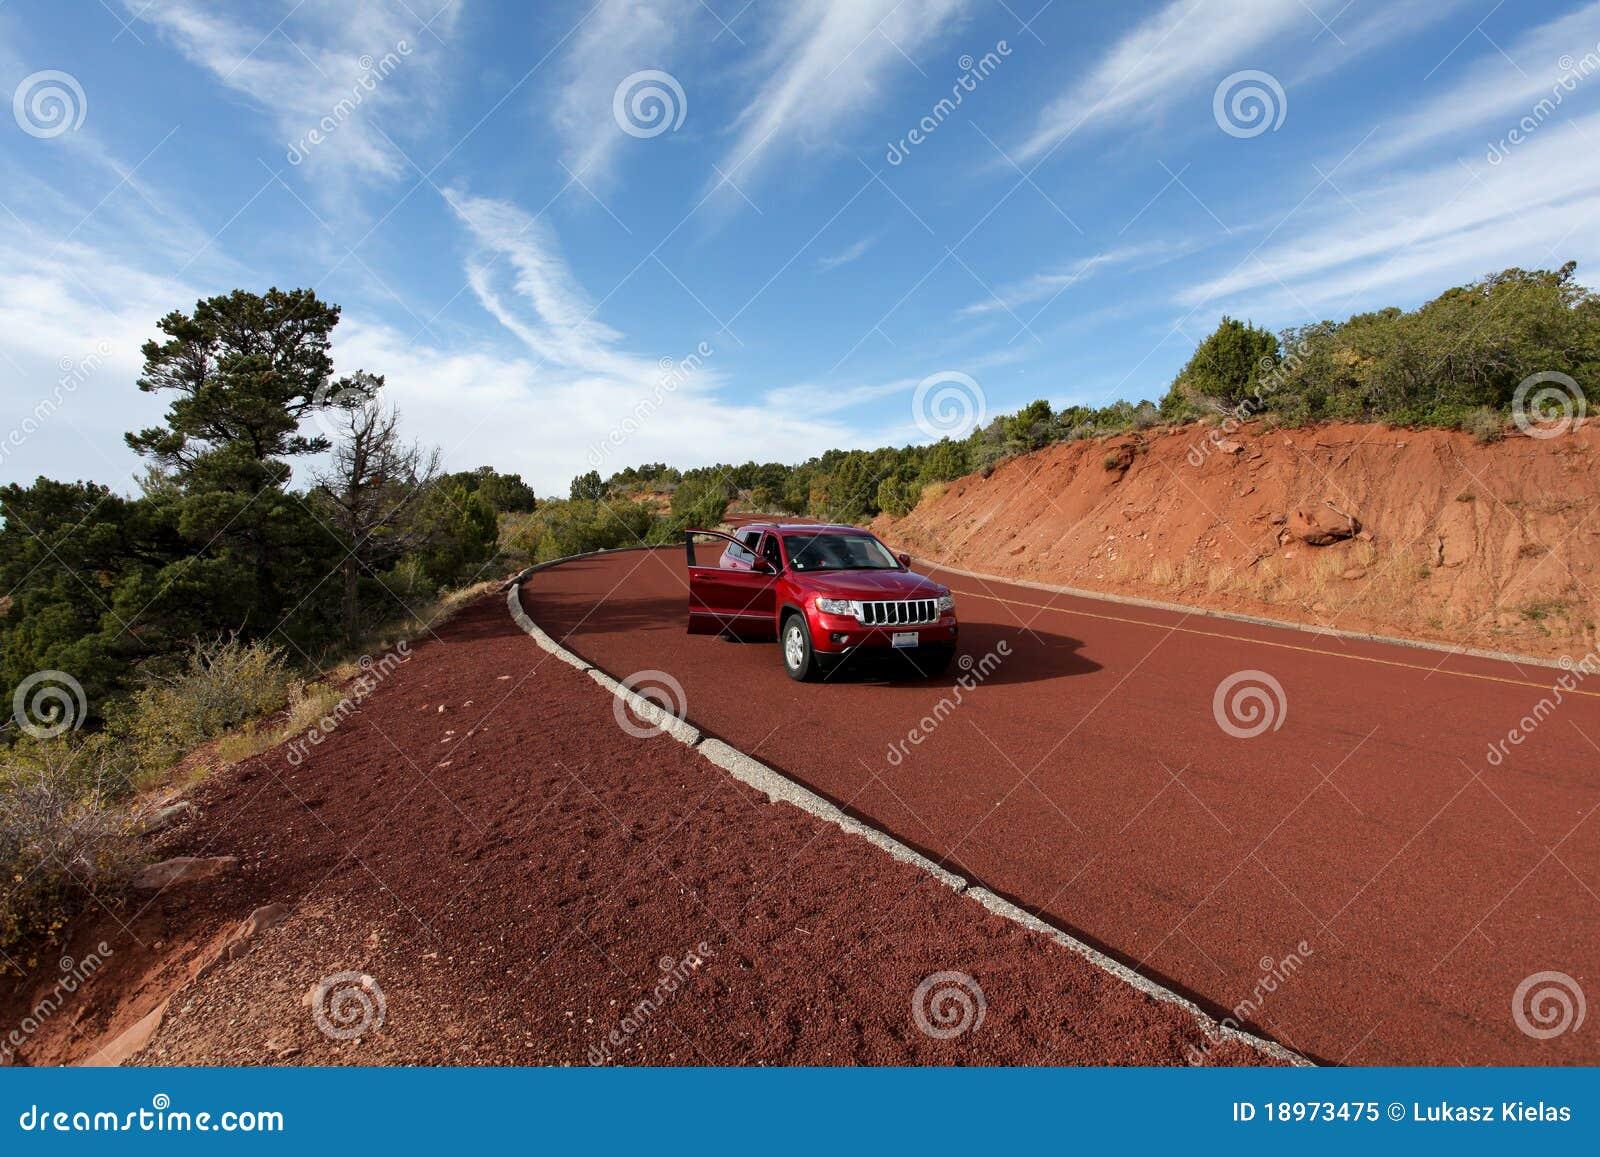 горы автомобиля высокие с красного гудронированного шоссе дороги